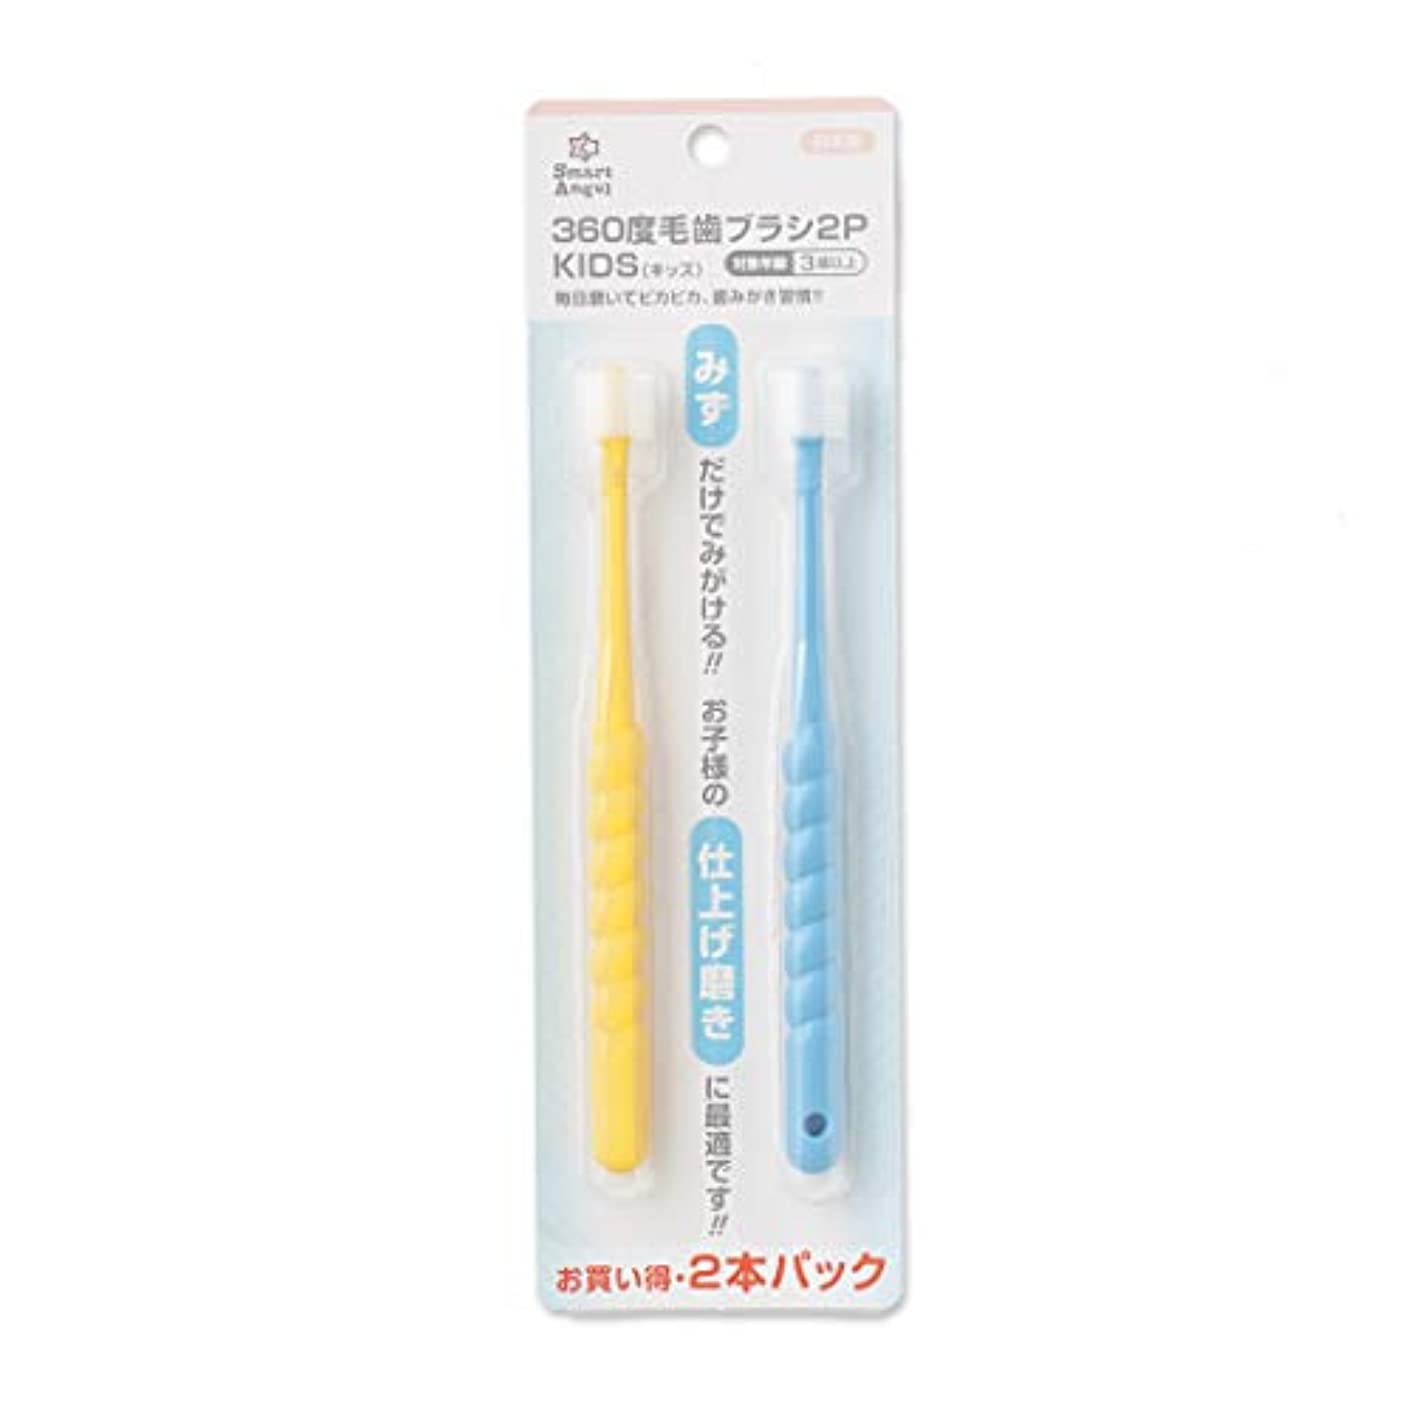 なくなるヘビビール西松屋 SmartAngel)360度歯ブラシ2P KIDS